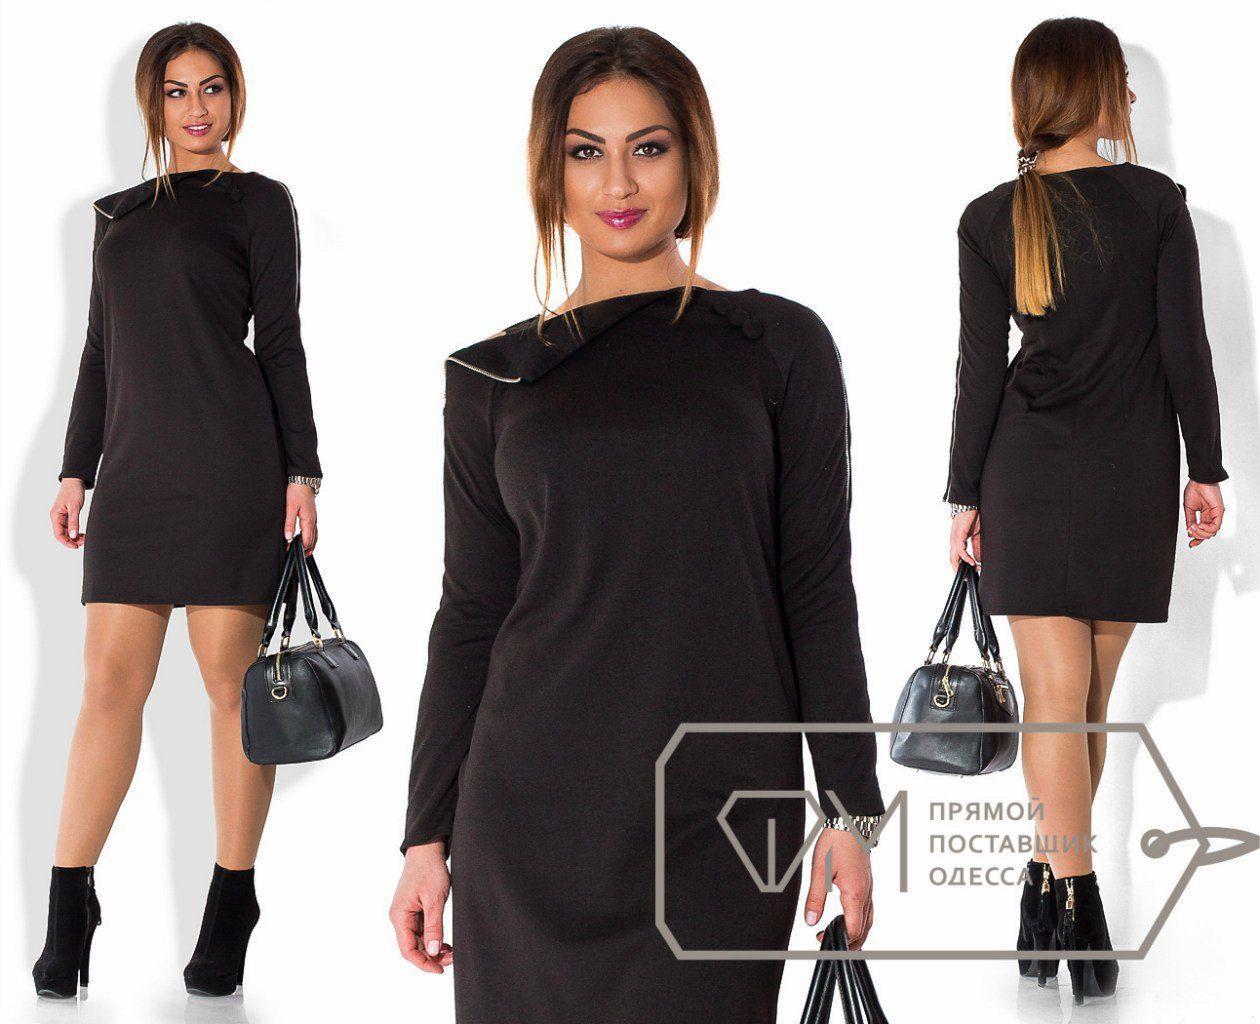 """Комфортное женское платье приятное к телу """"Французский трикотаж"""" 48, 54 размер баталы"""